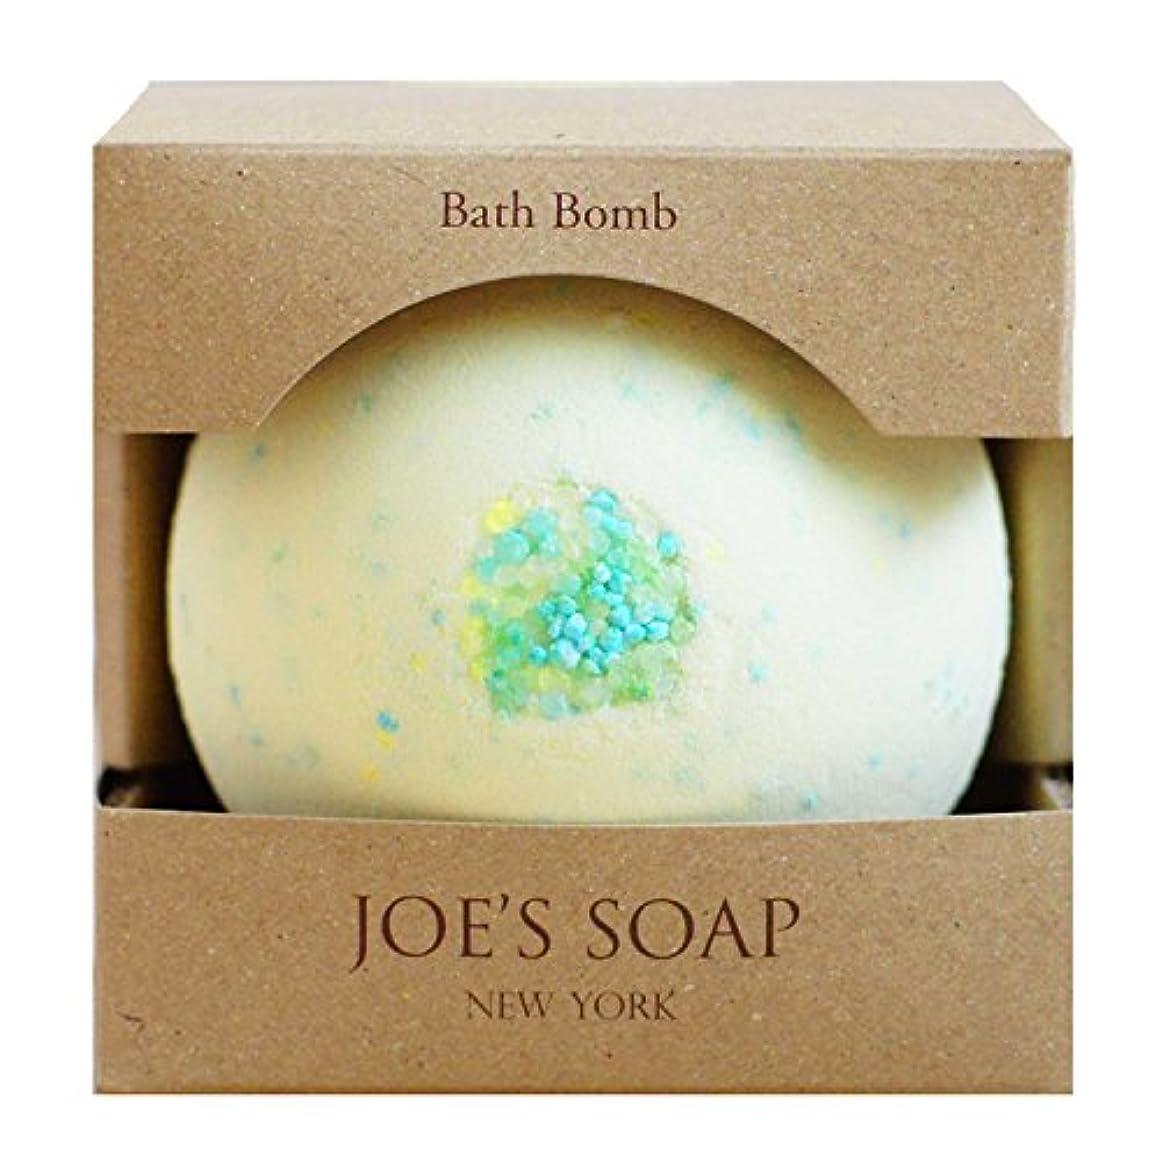 極めて重要な偽装するパパJOE'S SOAP ( ジョーズソープ ) バスボム(LEMON TEA) バスボール 入浴剤 保湿 ボディケア スキンケア オリーブオイル はちみつ フト プレゼント